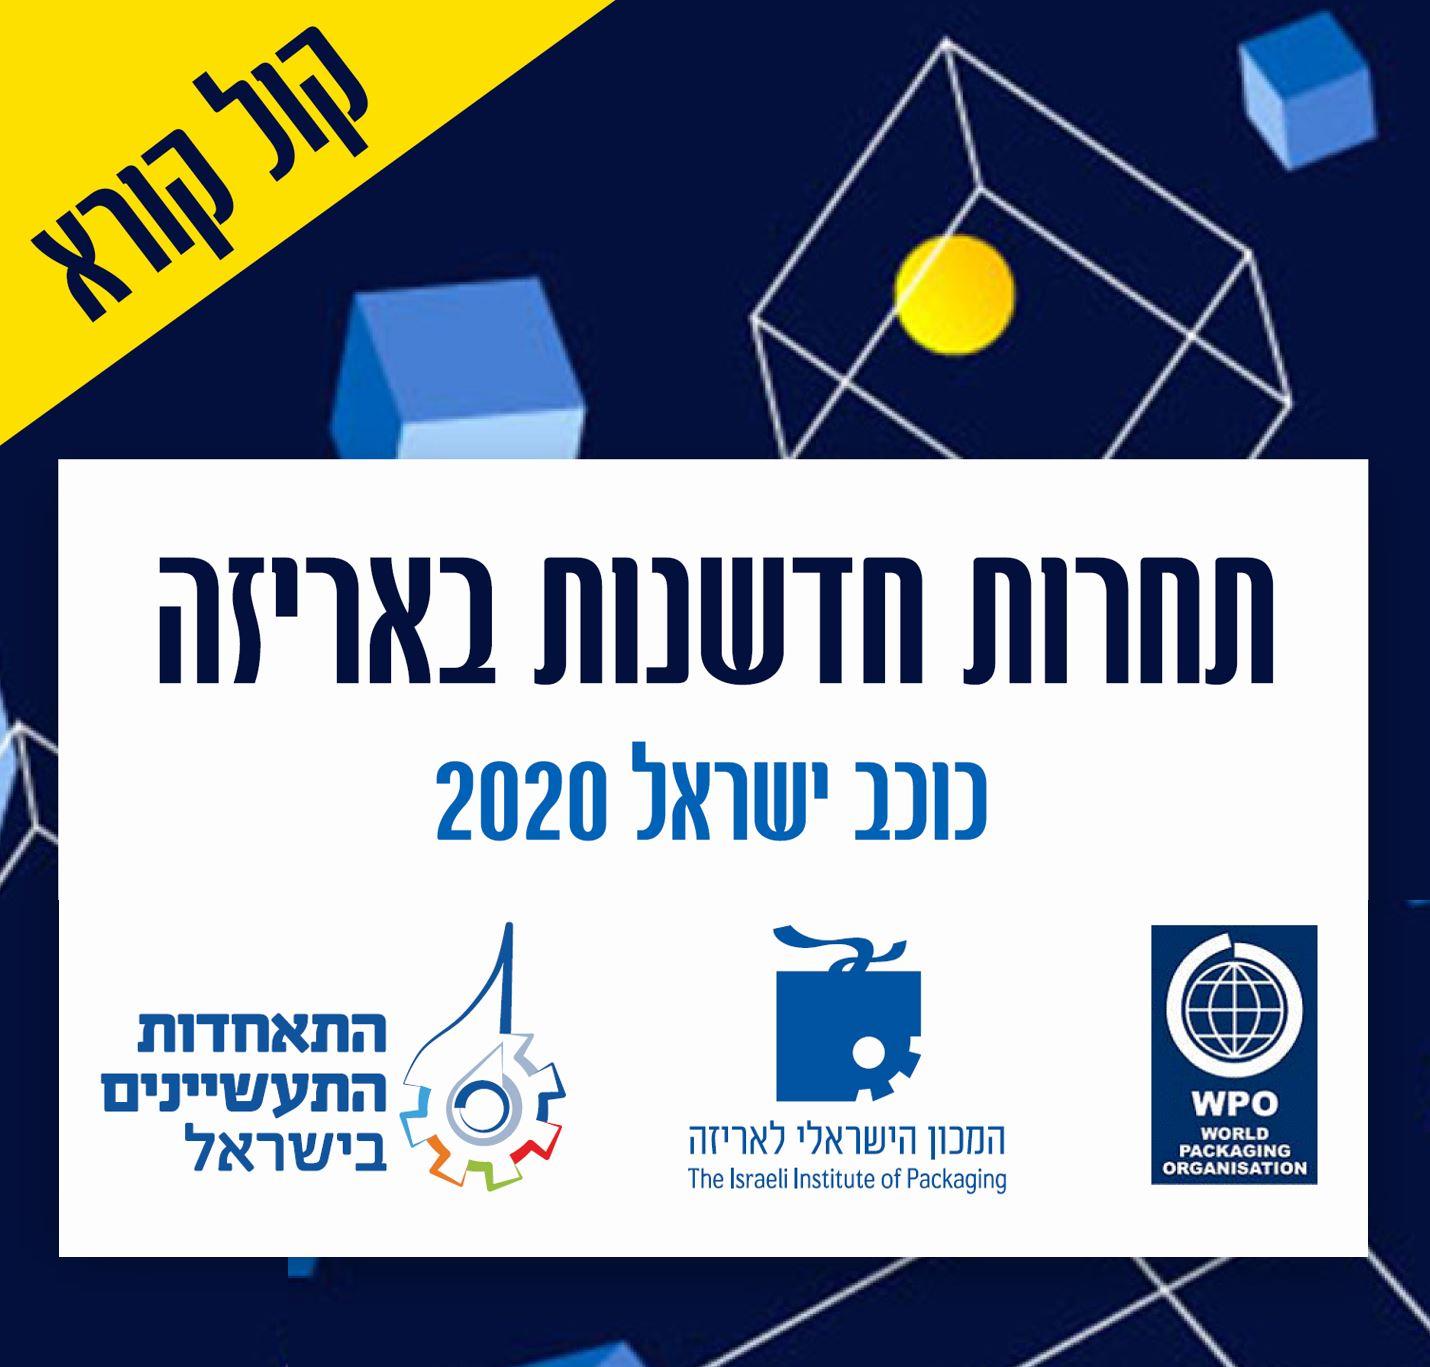 תחרות כוכב ישראל 2019 יוצאת לדרך